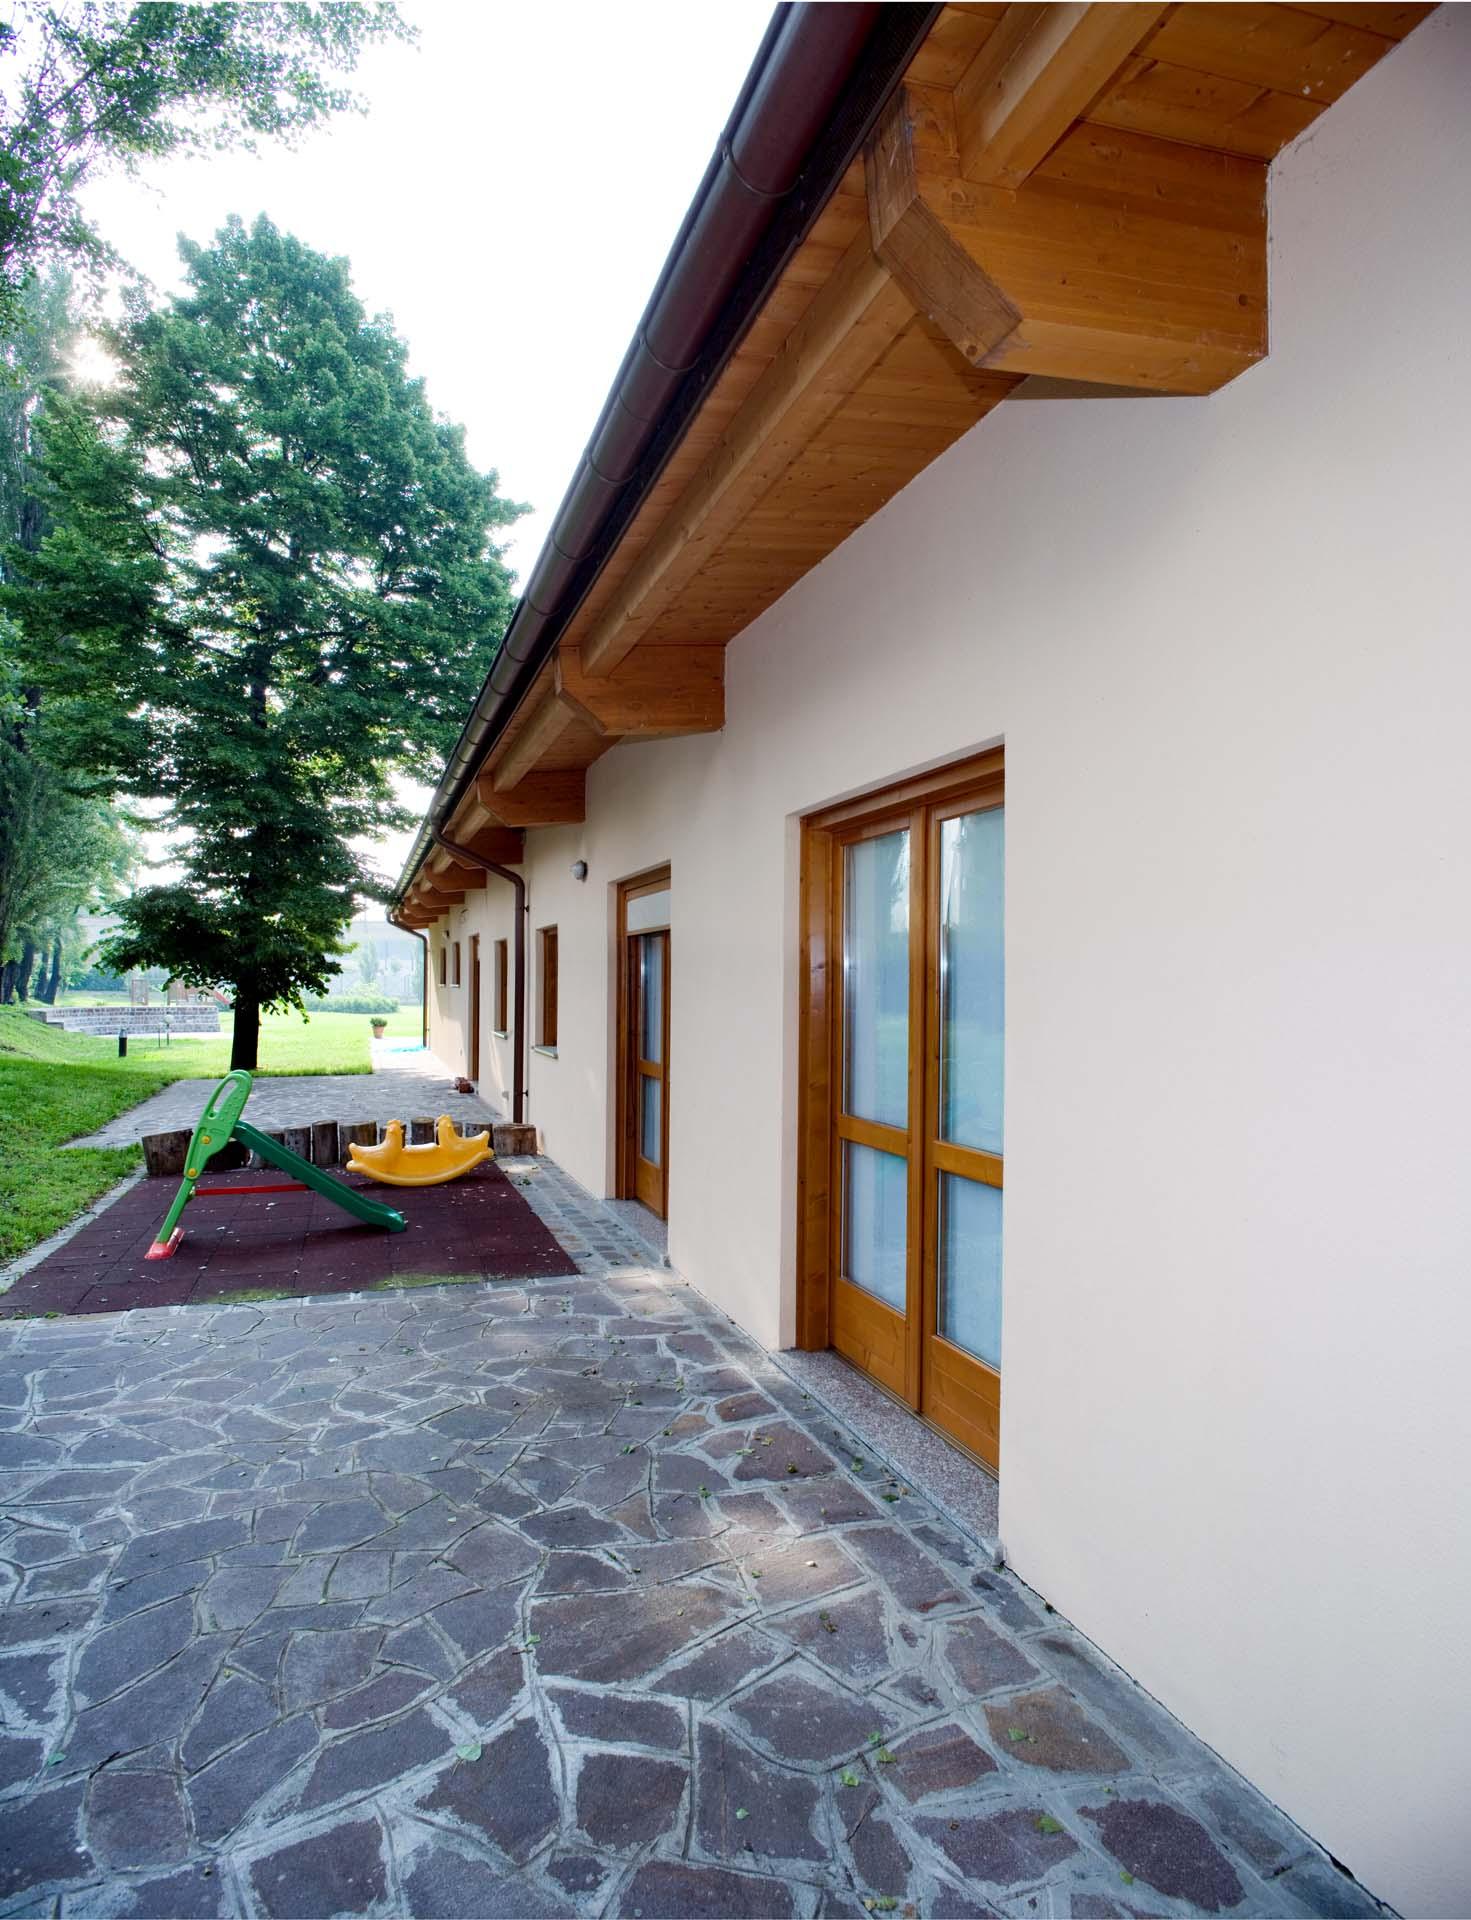 Modelli ille case in legno tecnologia esperienza ed for Foto di case